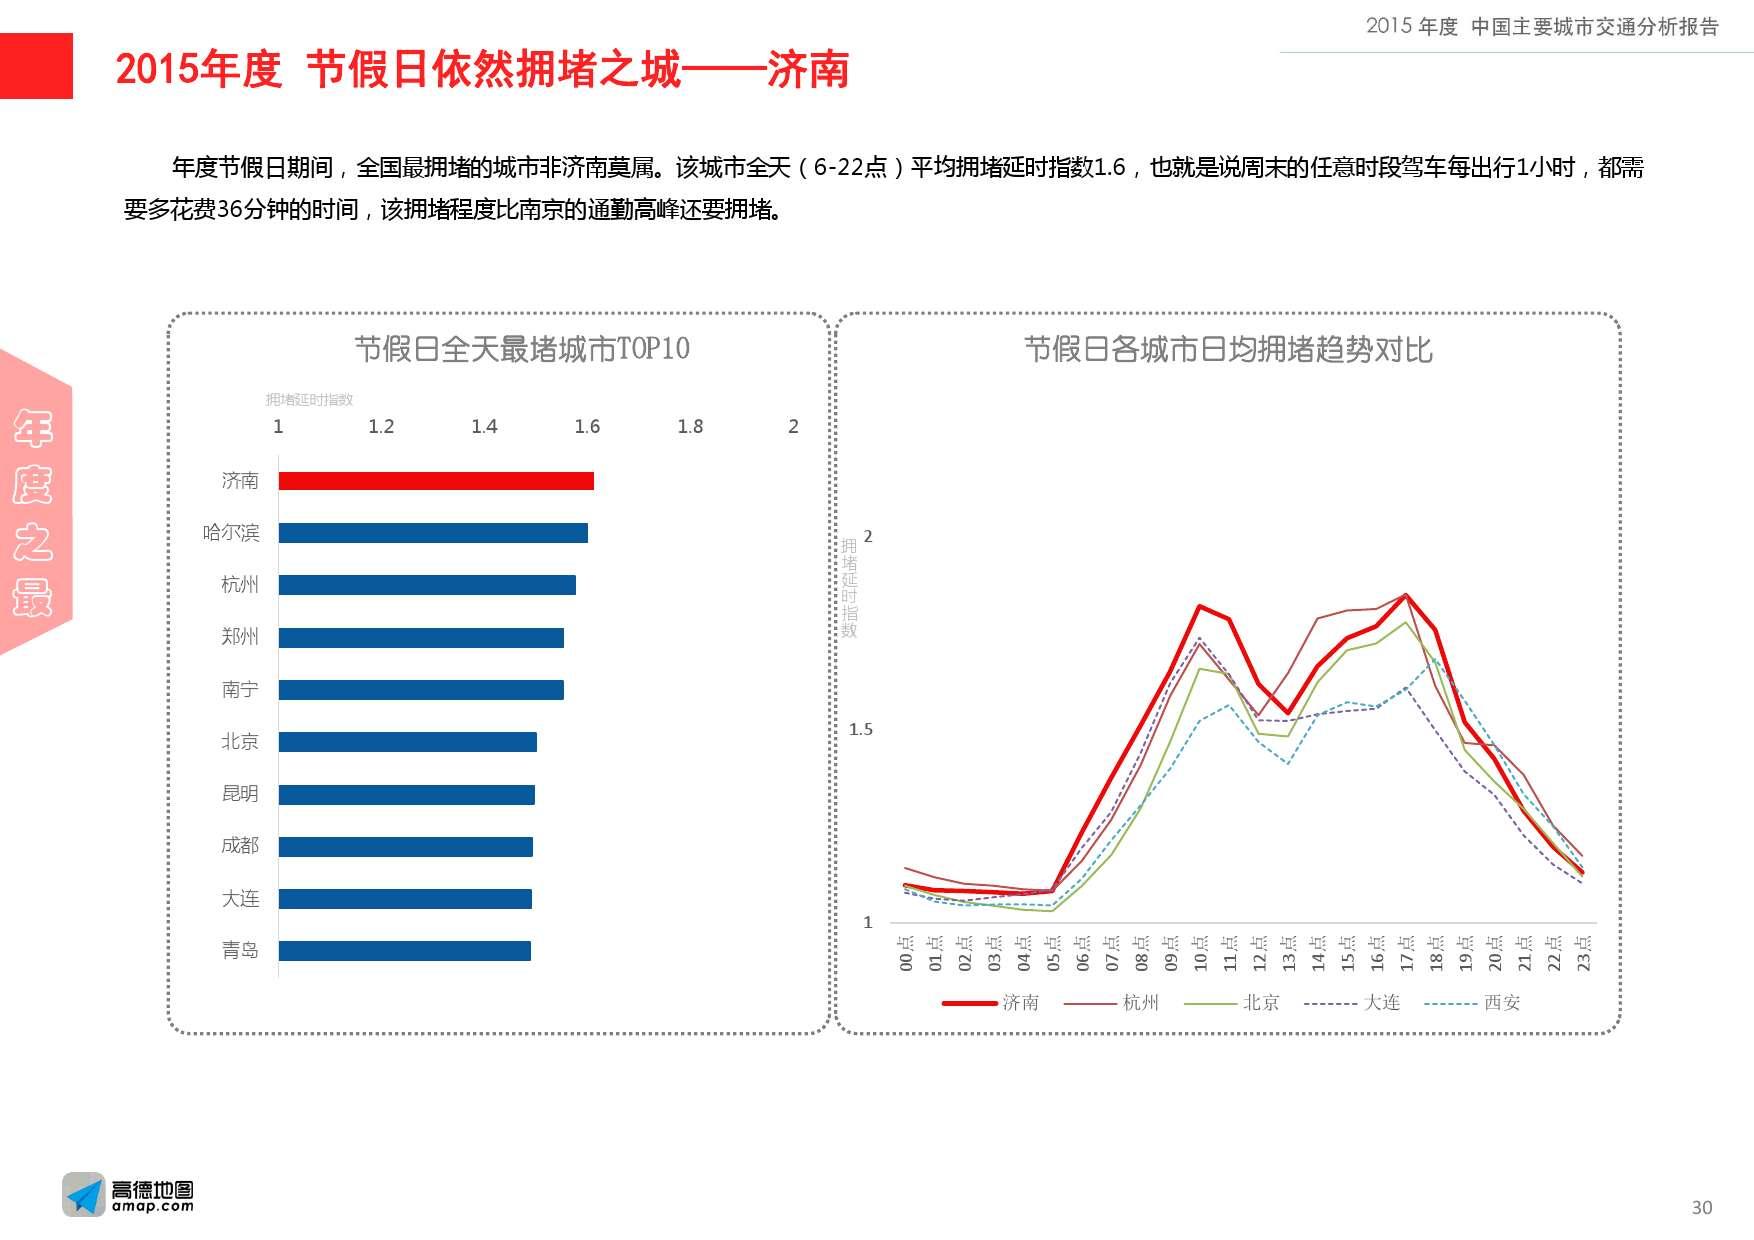 2015年度中国主要城市交通分析报告-final_000030